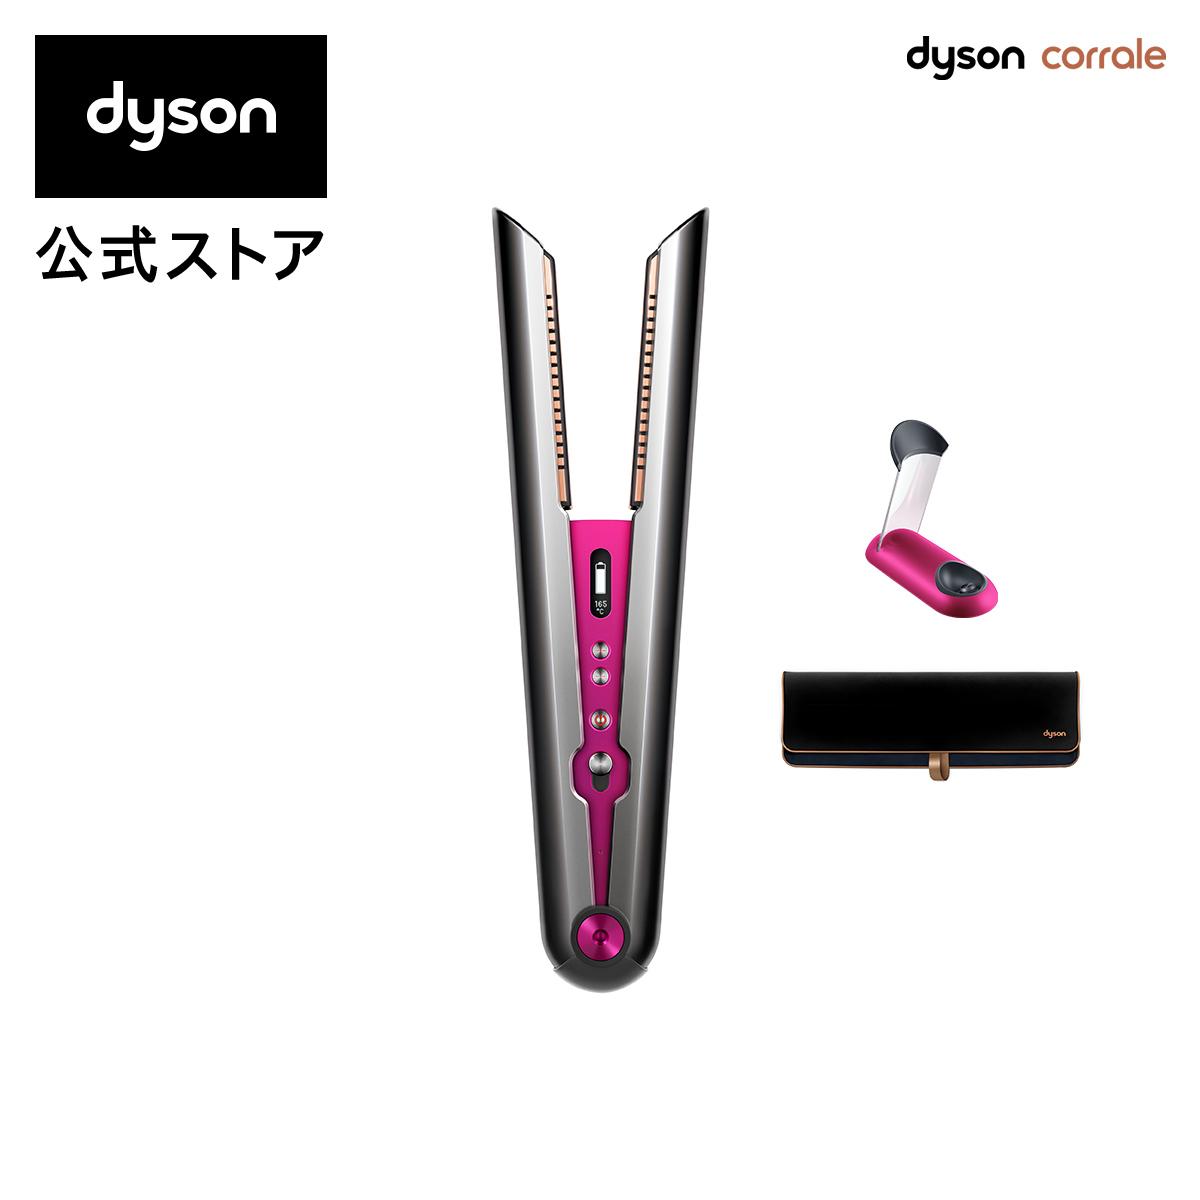 商舗 Dyson Corrale ダイソン コラール HS03 NF コテ カーラー ブラックニッケル 23新発売 6 フューシャ ヘアケア ヘアアイロン 実物